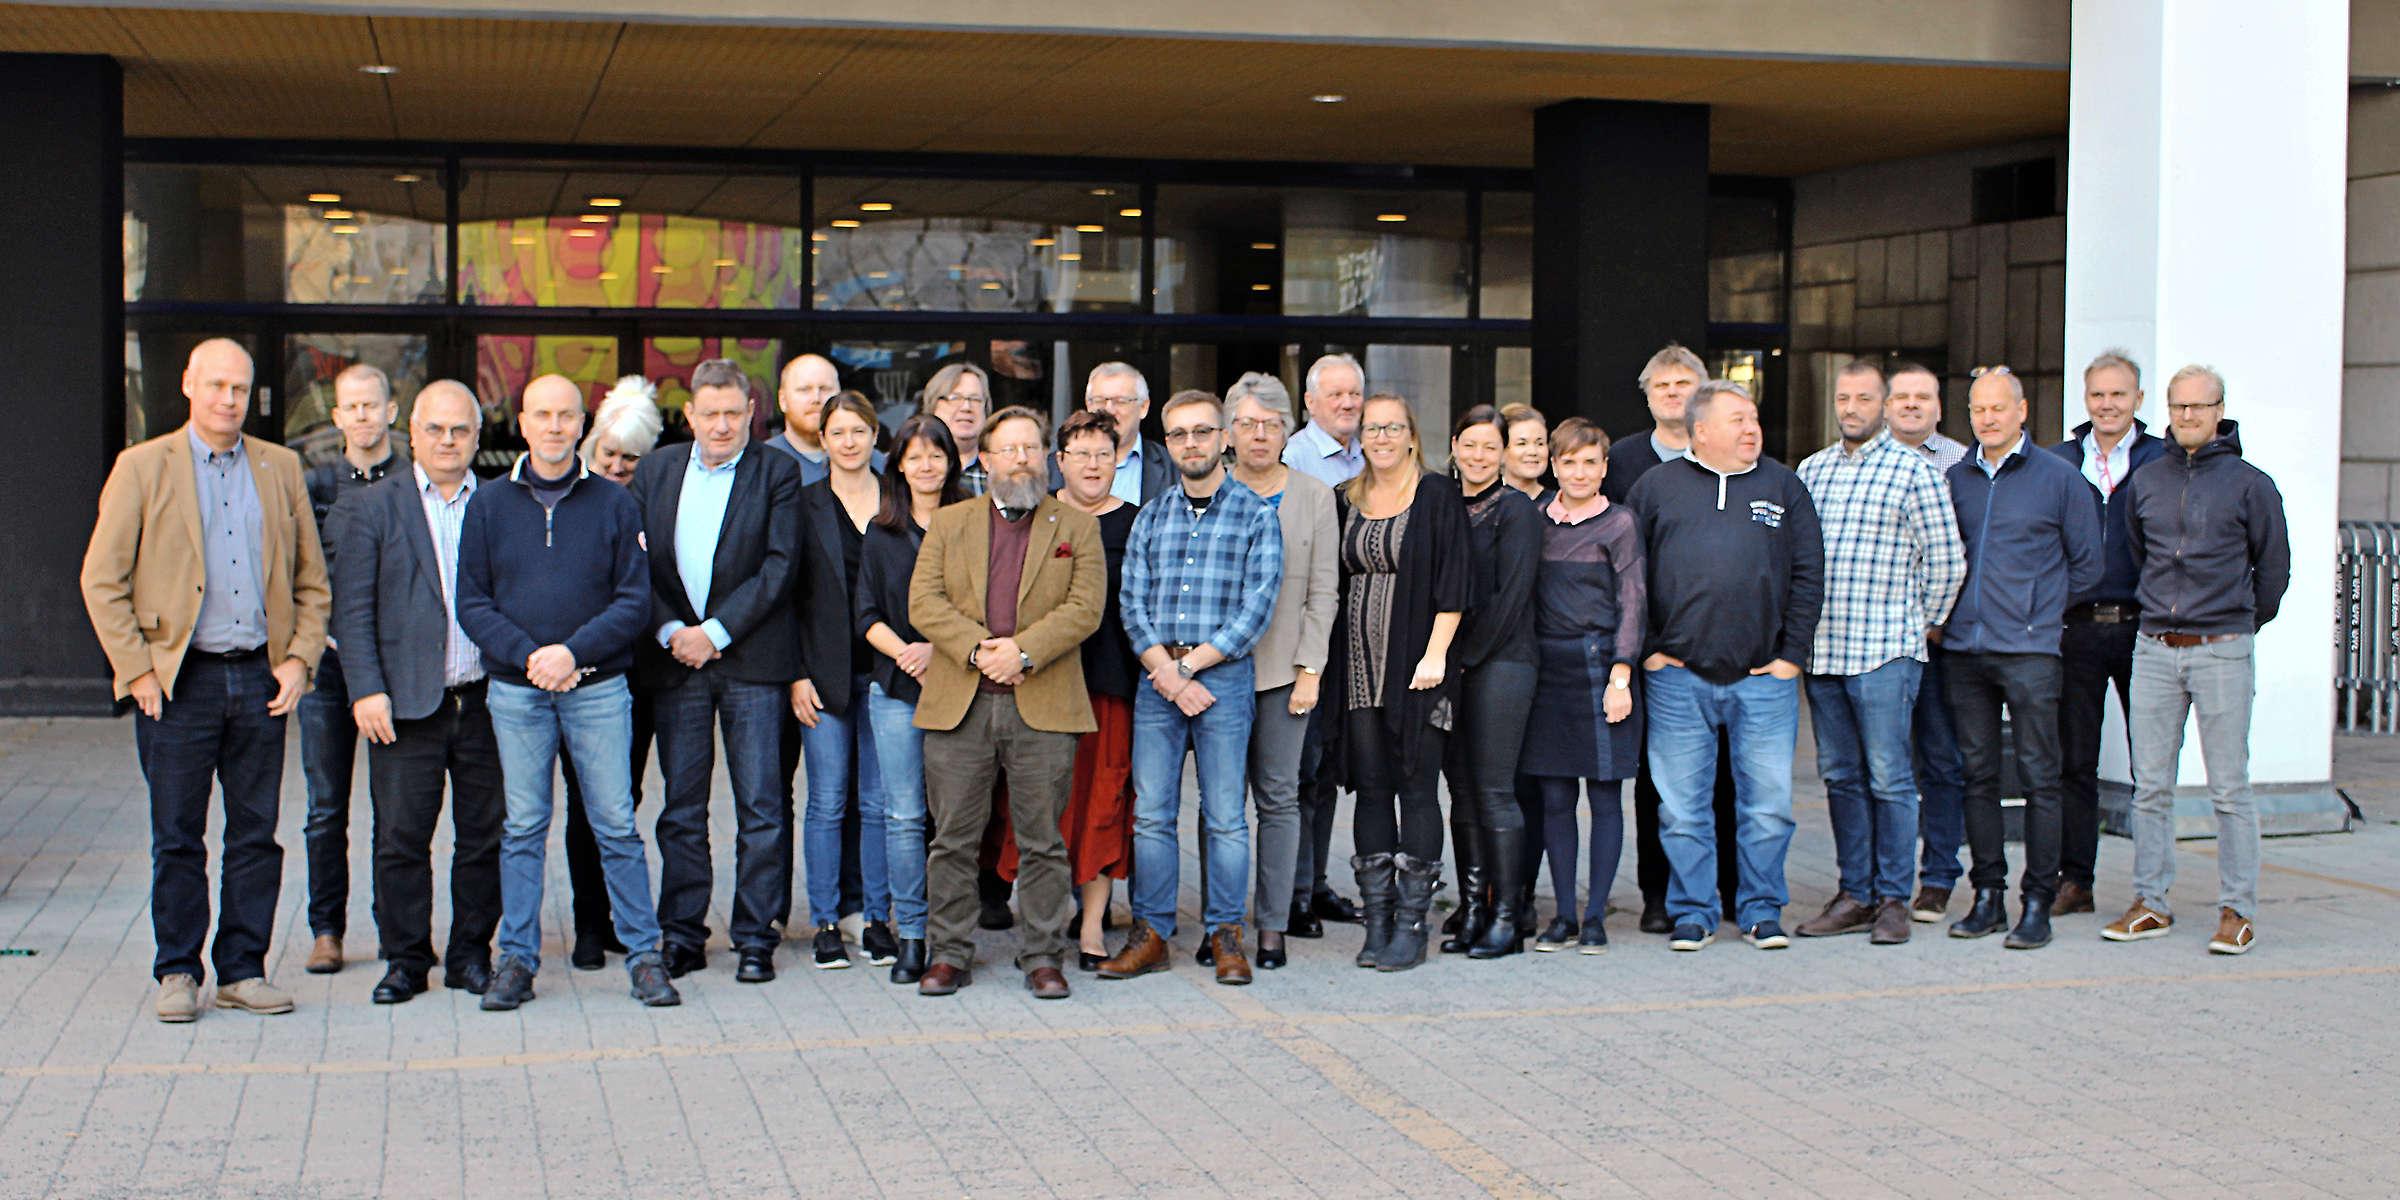 Förbundsråd 26 28 November 2018